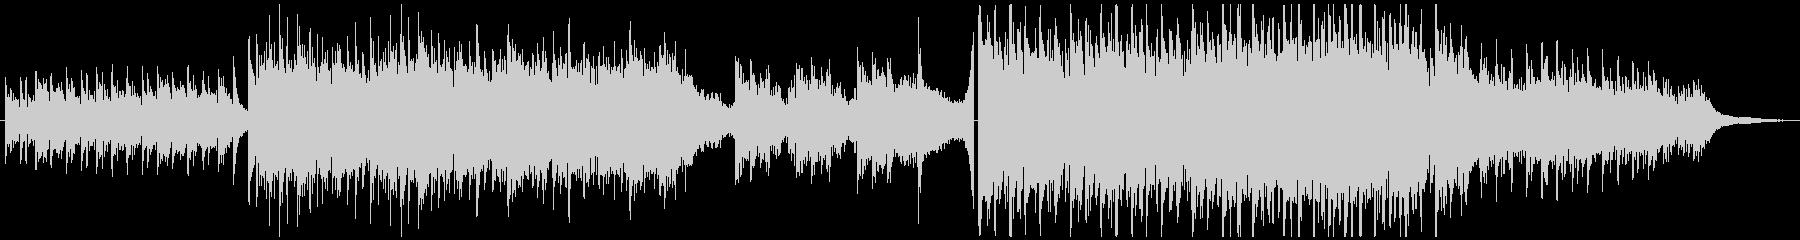 映像向け・ピアノ&弦の感動的な曲の未再生の波形